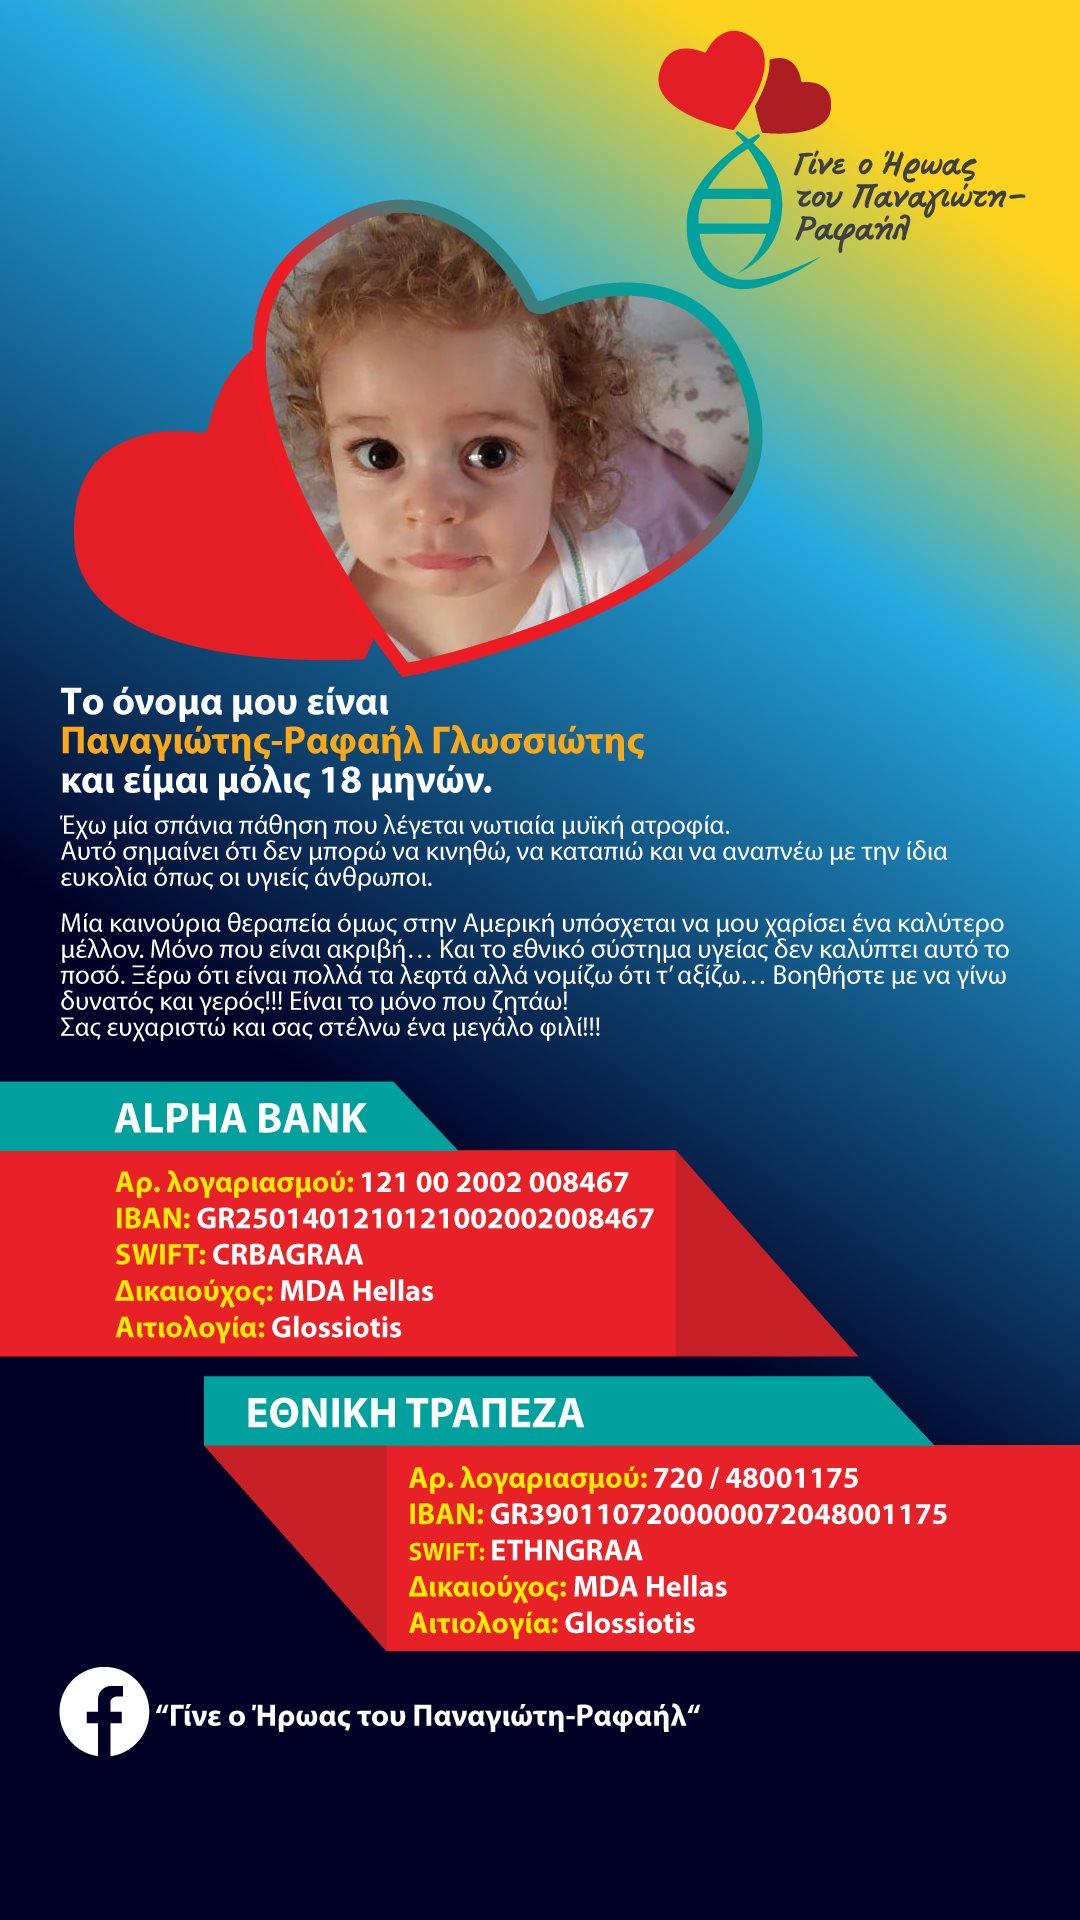 στορυ ελληνικα